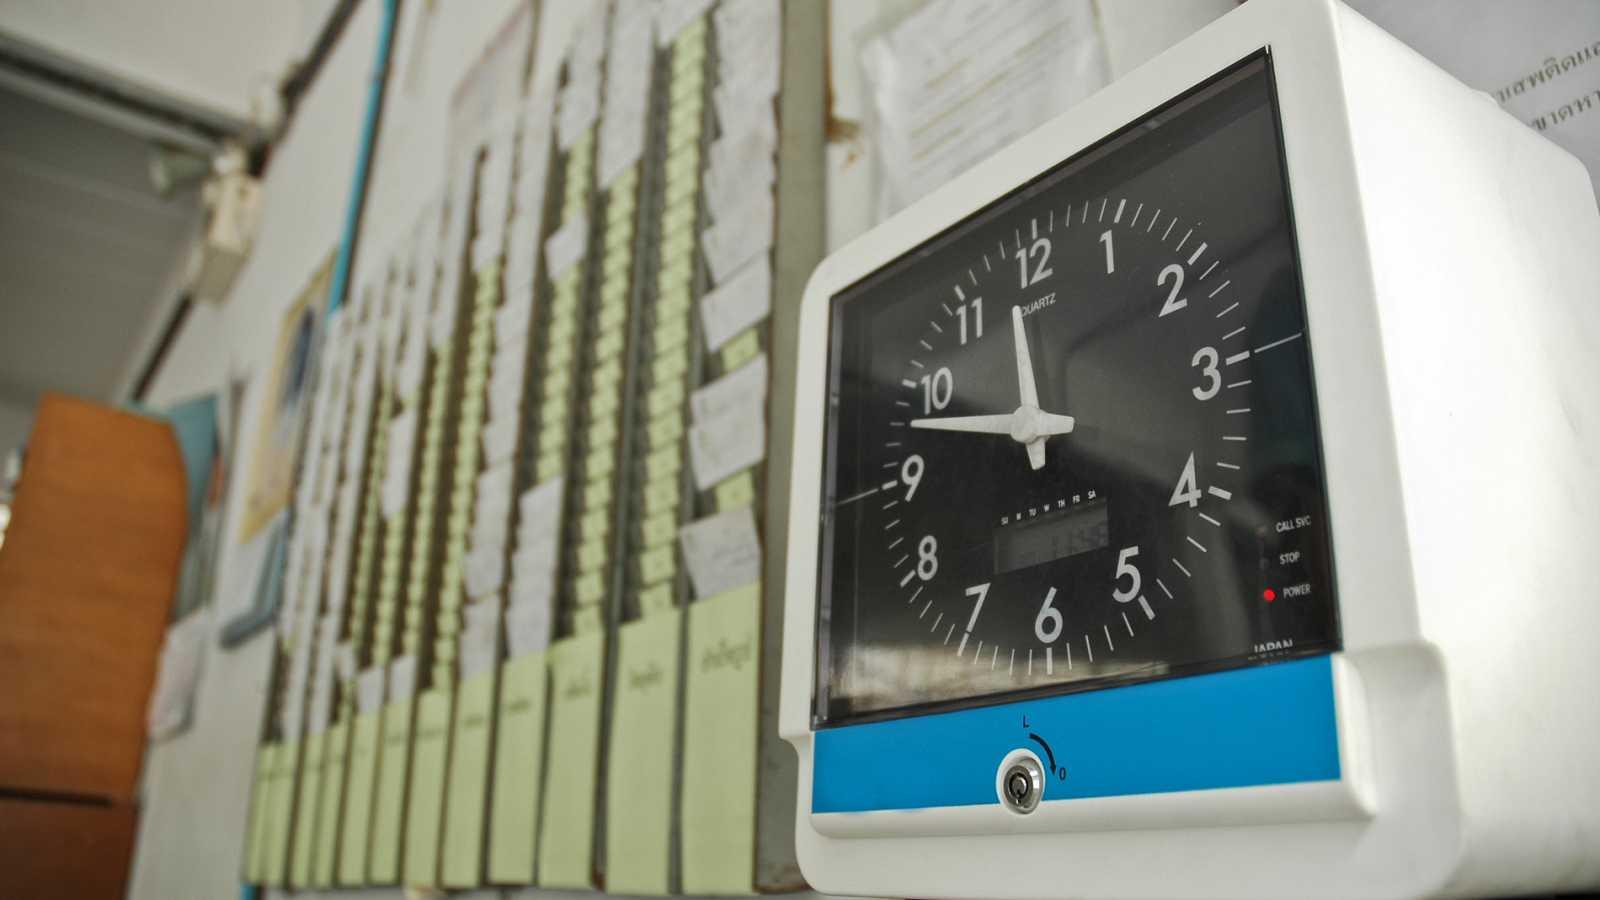 A partir de ahora será obligatorio el control horario en las empresas - Ver ahora